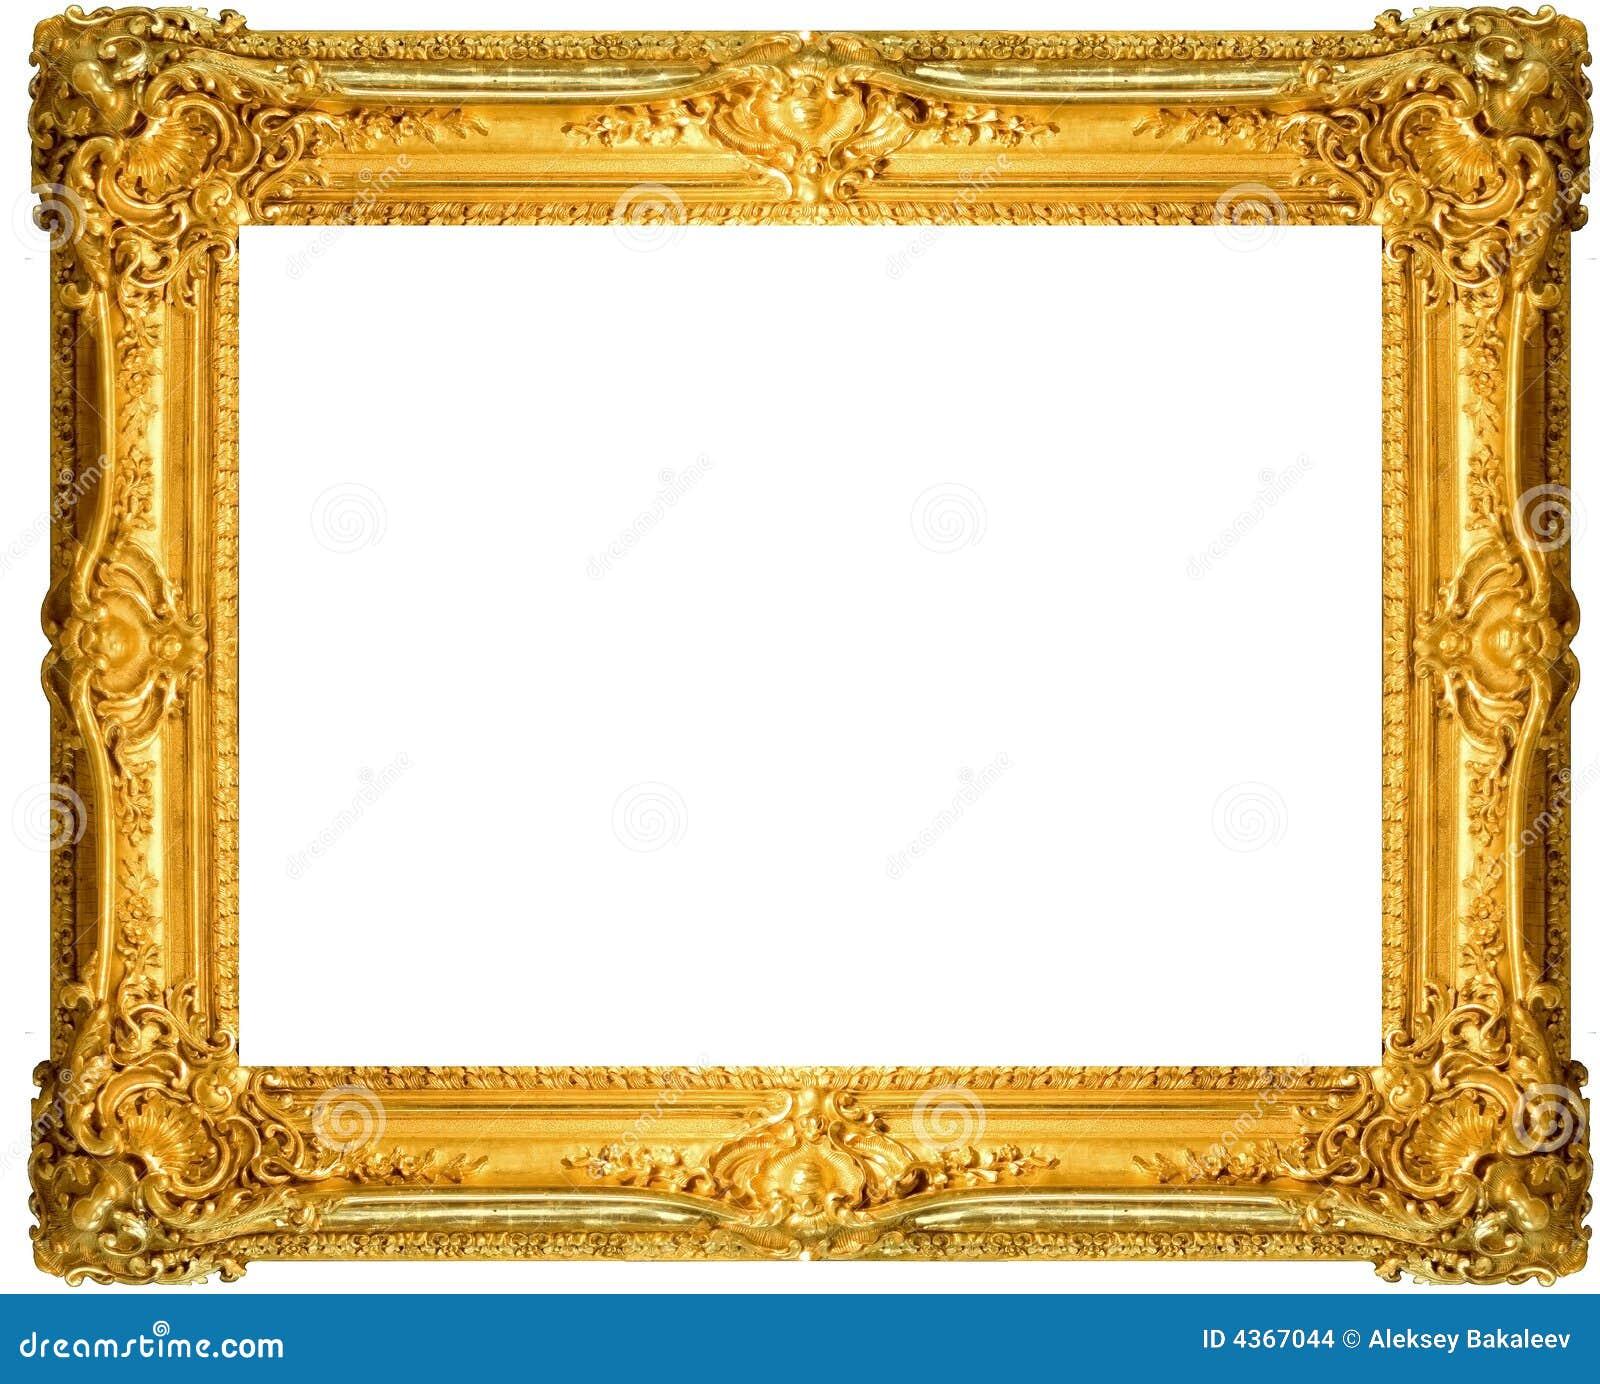 antique frame stock photo image of deco frame design. Black Bedroom Furniture Sets. Home Design Ideas